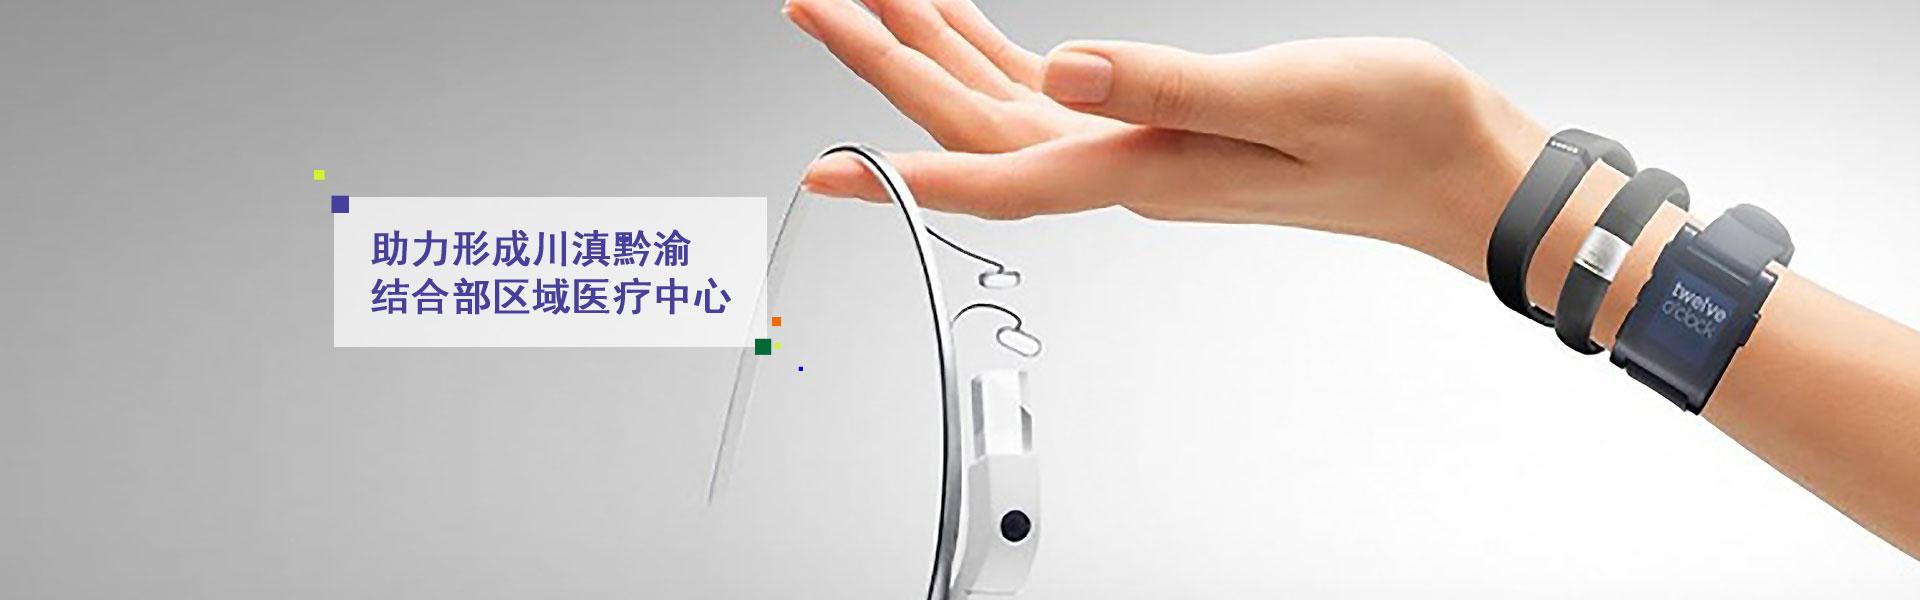 助力形成川滇黔渝结合部区域医疗中心